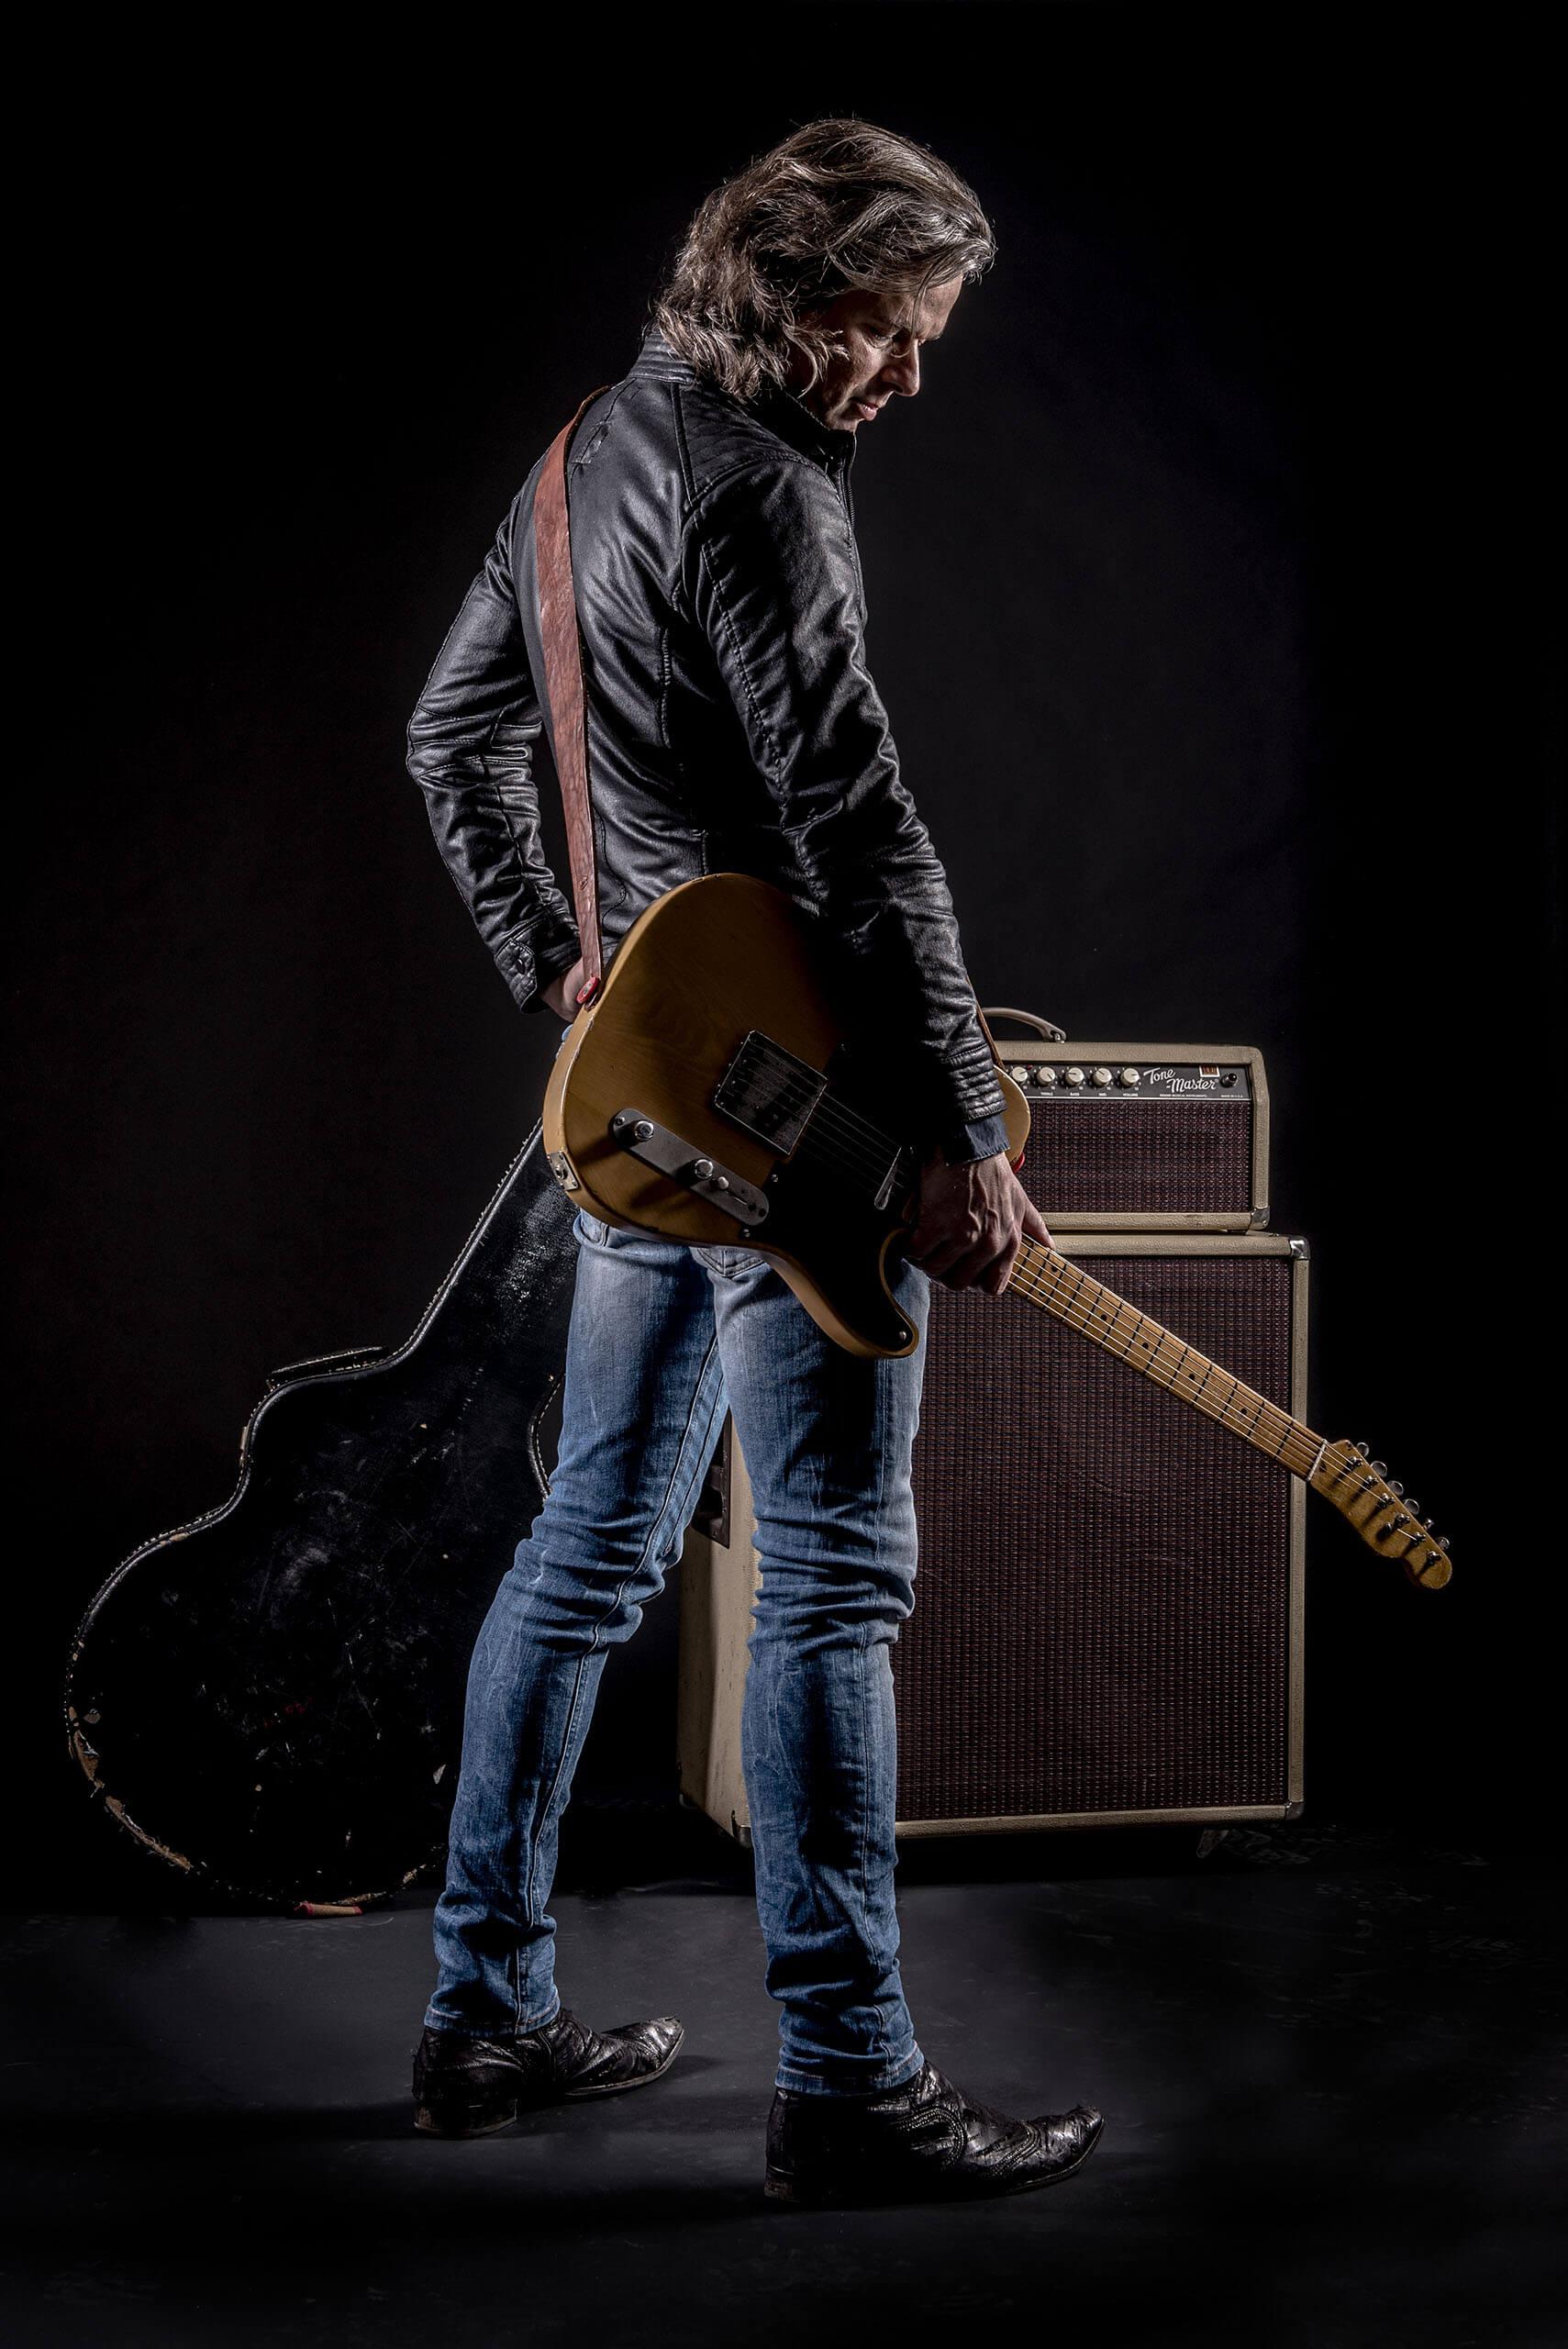 Artiest studio fotografie zanger en gitarist Erwin Nyhoff artiestenfotografie springsteen in nederland